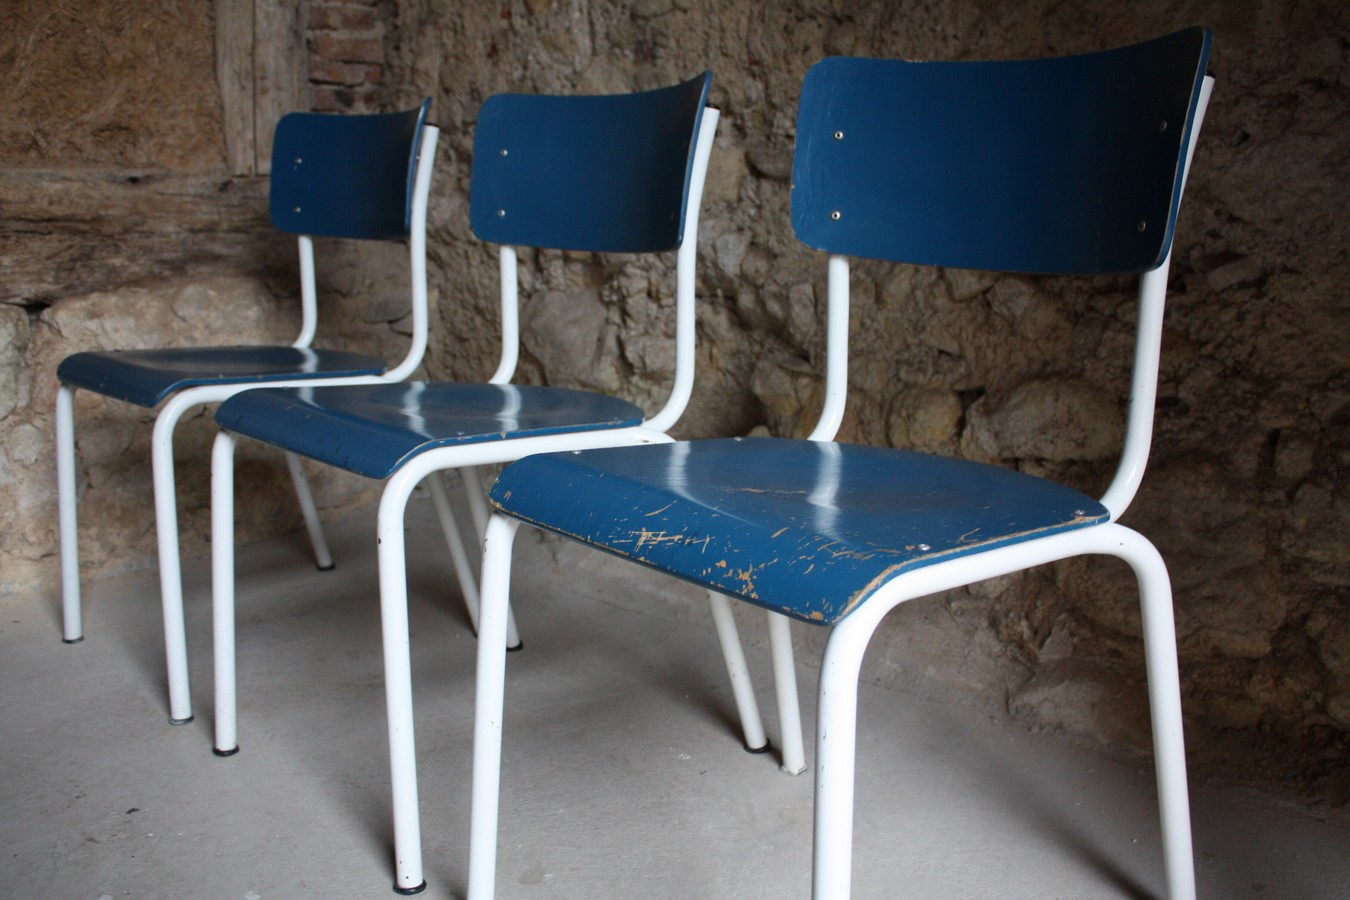 stuhl gebraucht bauhaus schulstuhl vintage mobel 7